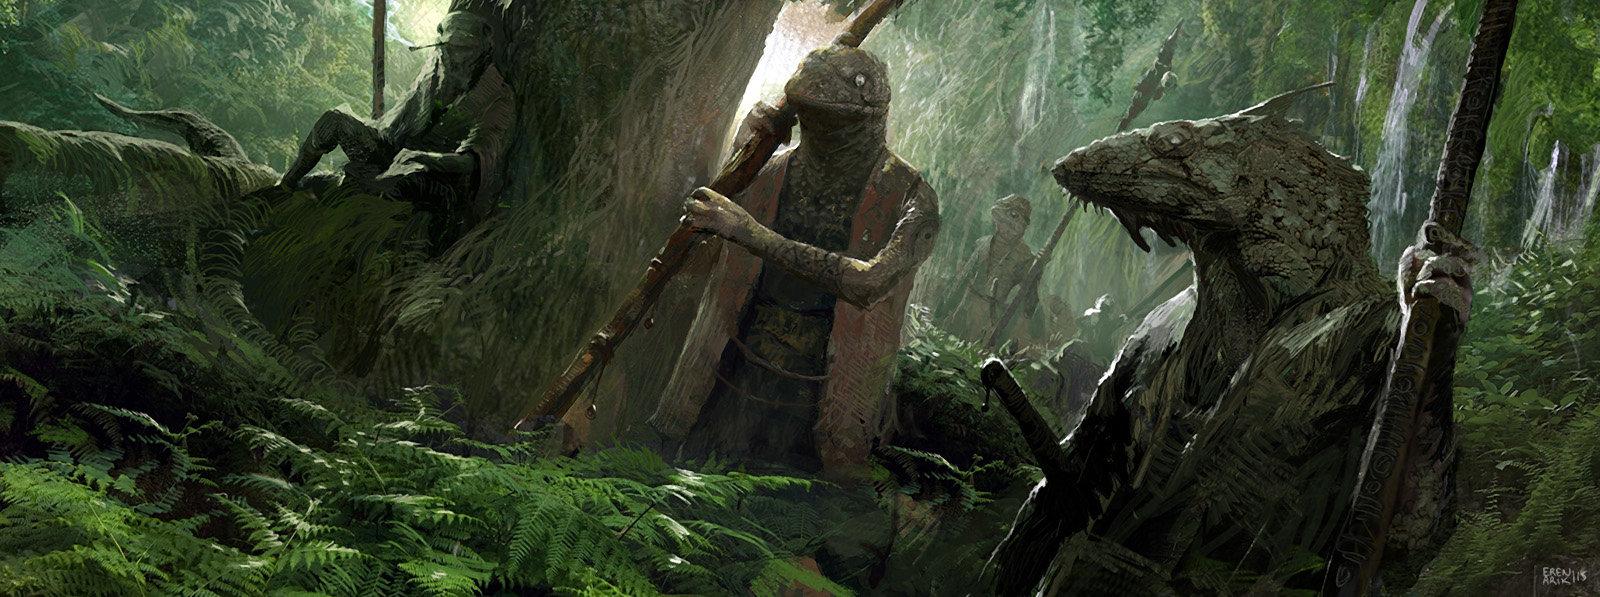 Eren arik reptile gang